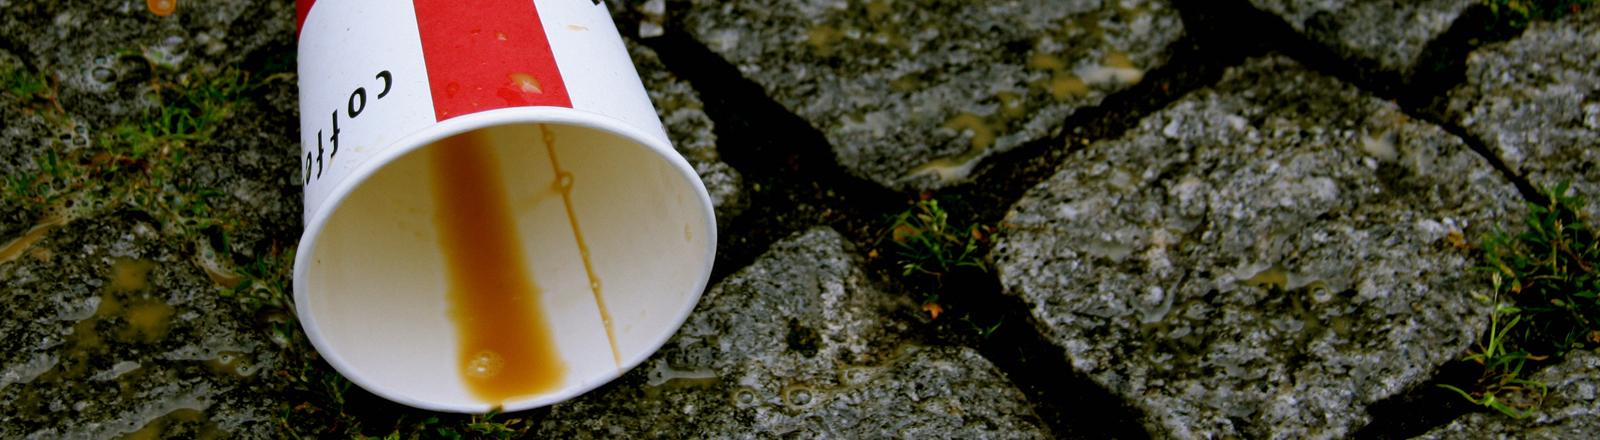 Ein Coffee to go Becher liegt auf Kopfsteinpflaster